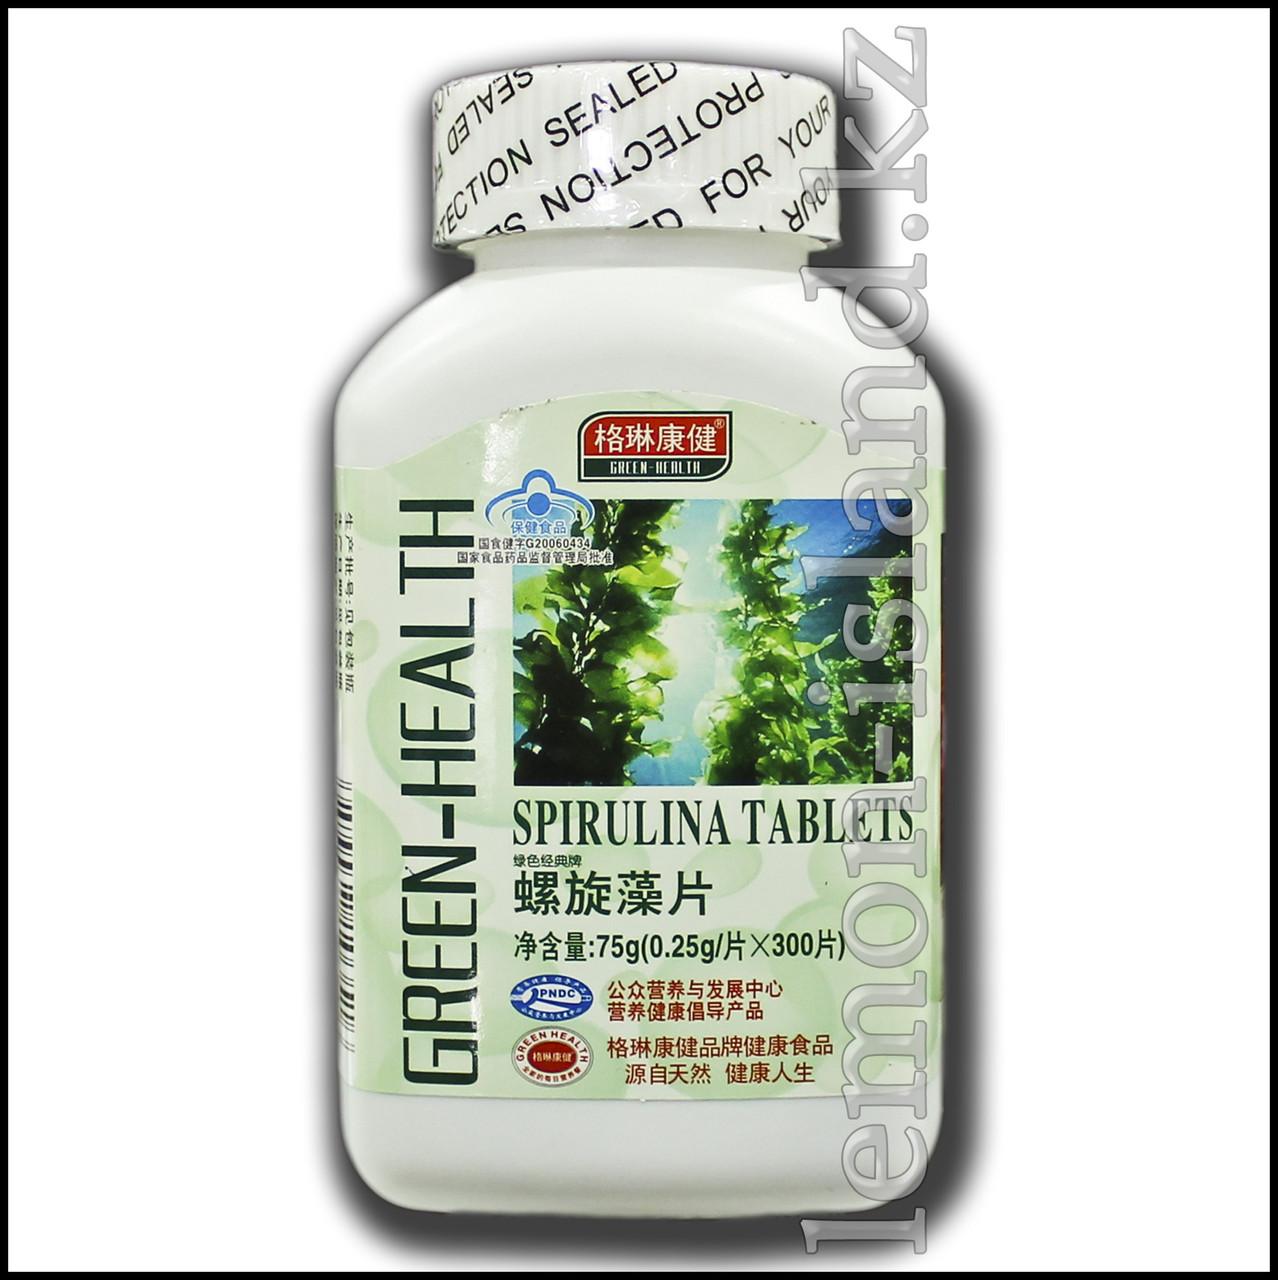 Спирулина от фабрики Green Health, 300 таблеток в упаковке.